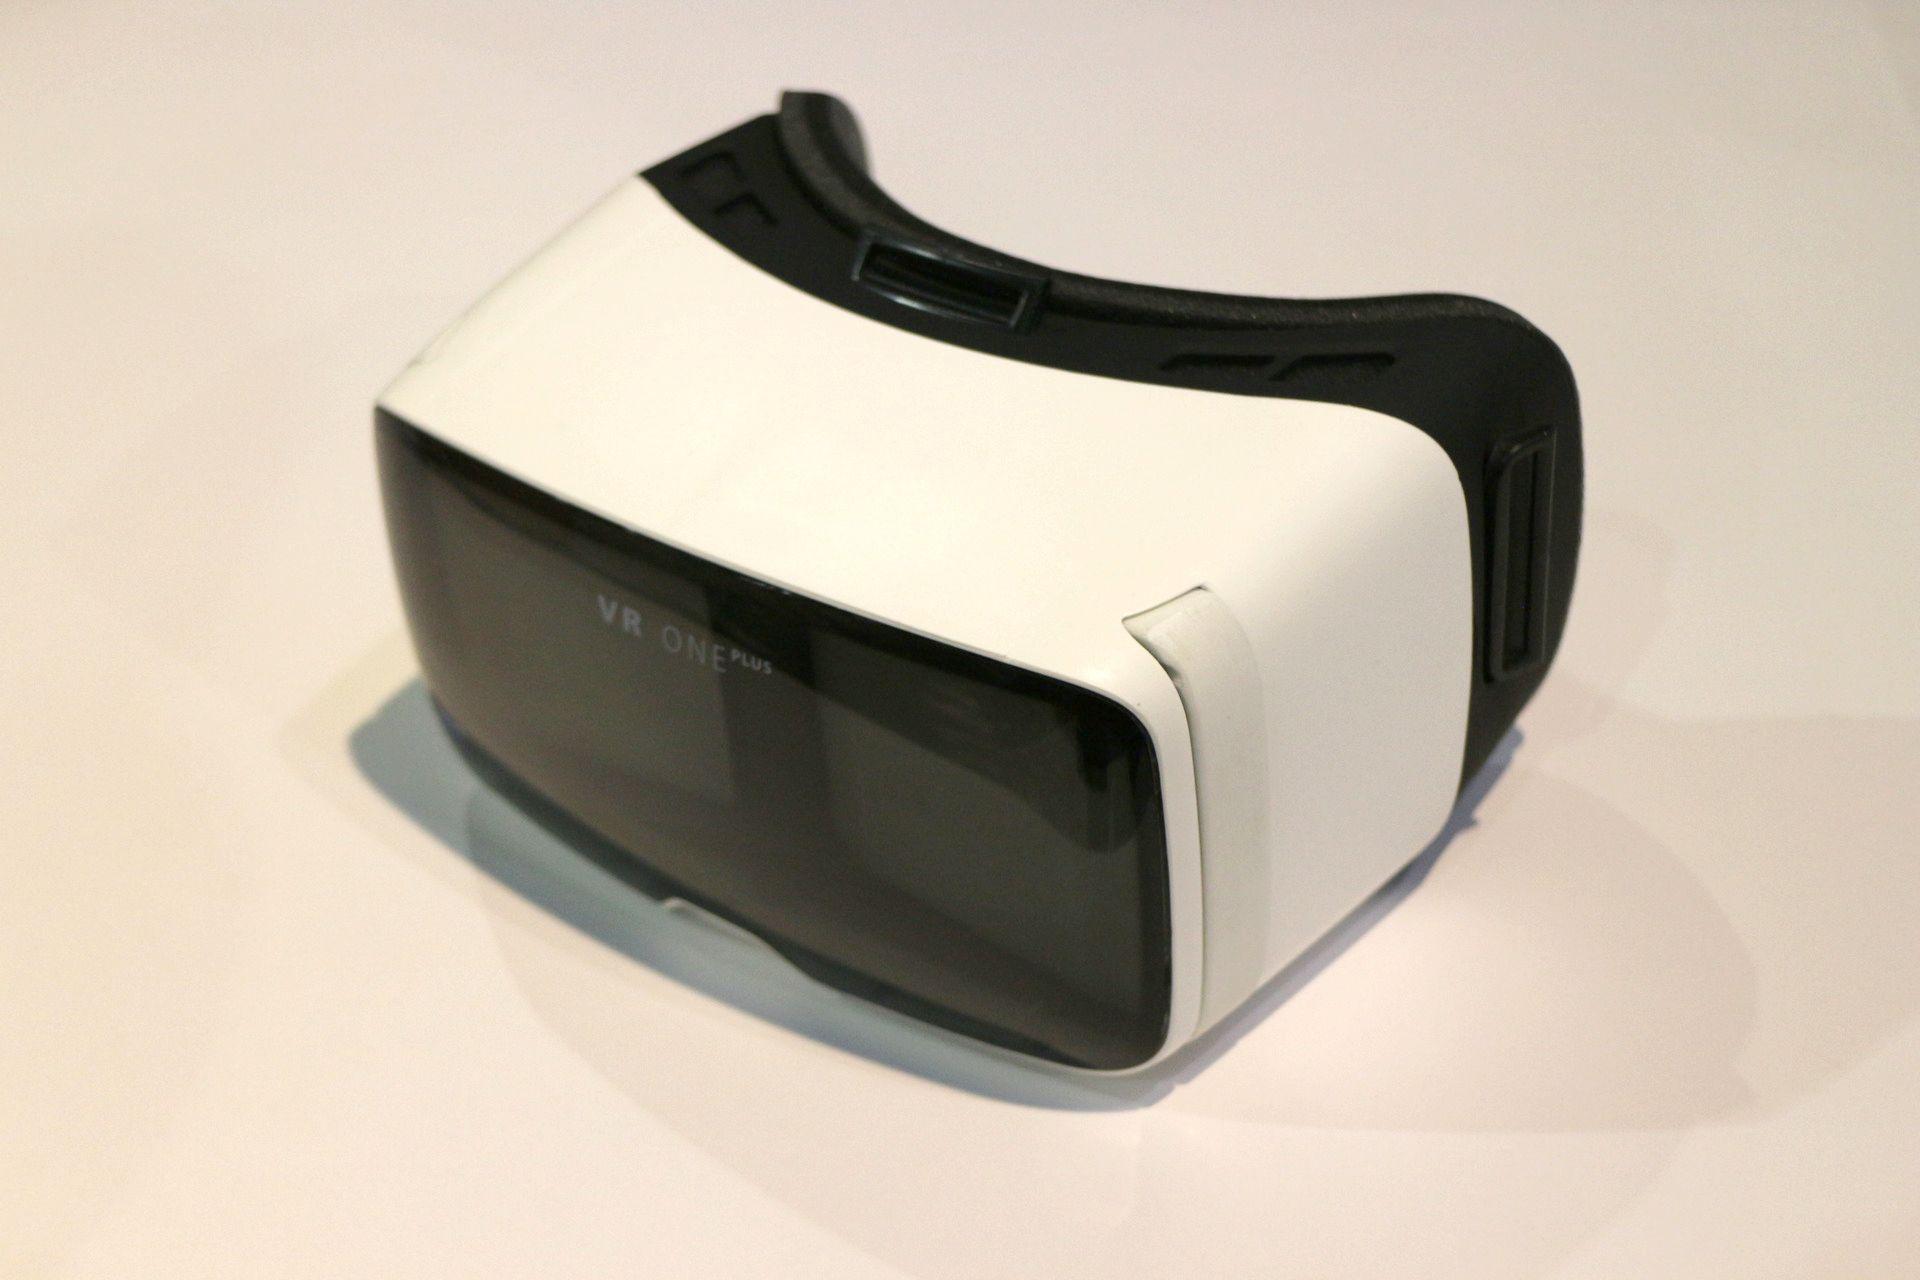 8月に発売予定のスマホ用HMDアダプター「Zeiss VR One Plus」。4.7~5.5インチのスマホと組み合わせて使える